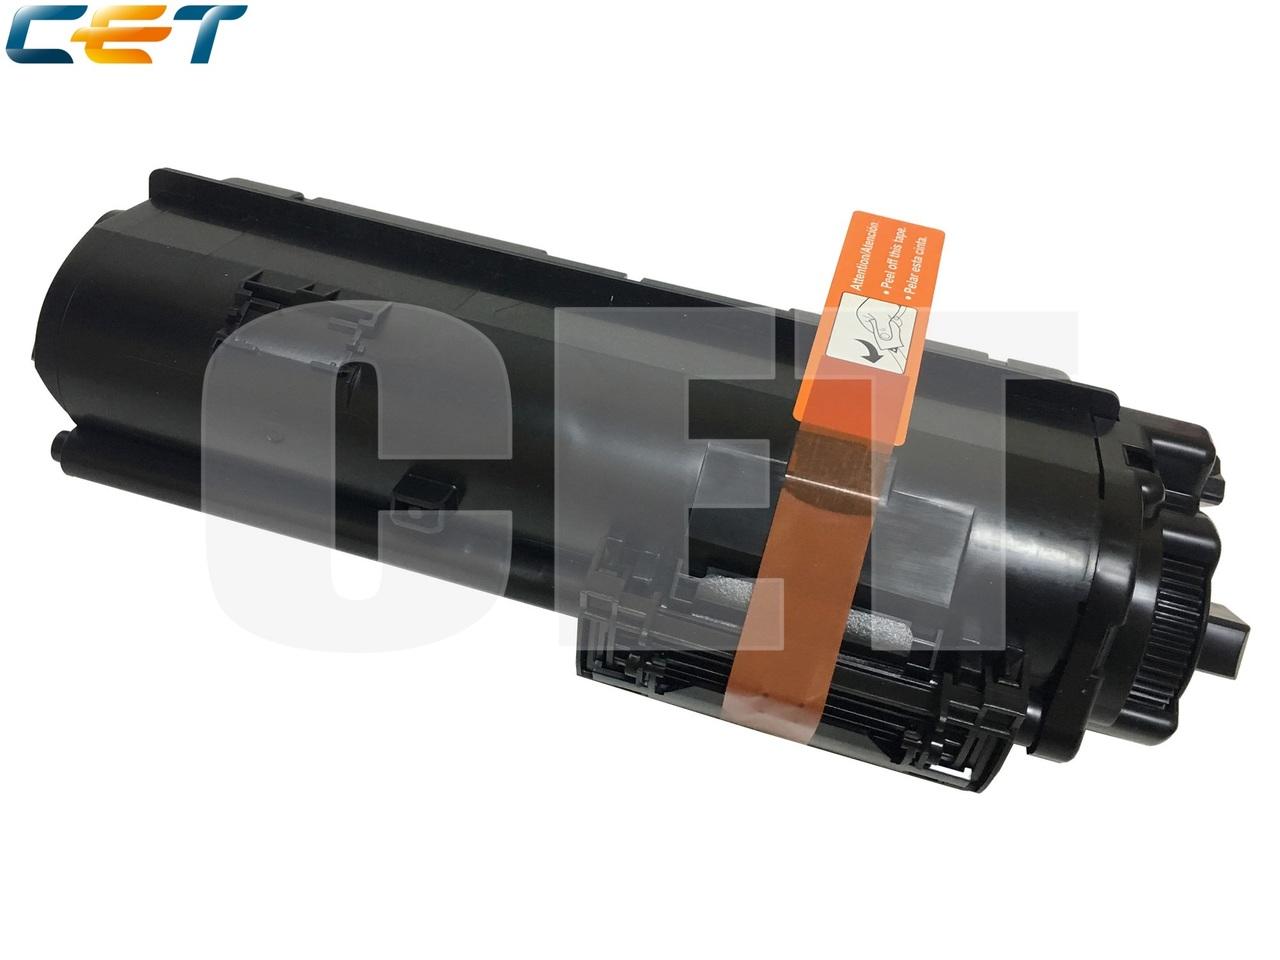 Тонер-картридж (PK9, без чипа) TK-1170 для KYOCERAECOSYS M2040dn/M2540dn/M2540dw/M2640idw (CET), 280г,7200 стр., CET6808